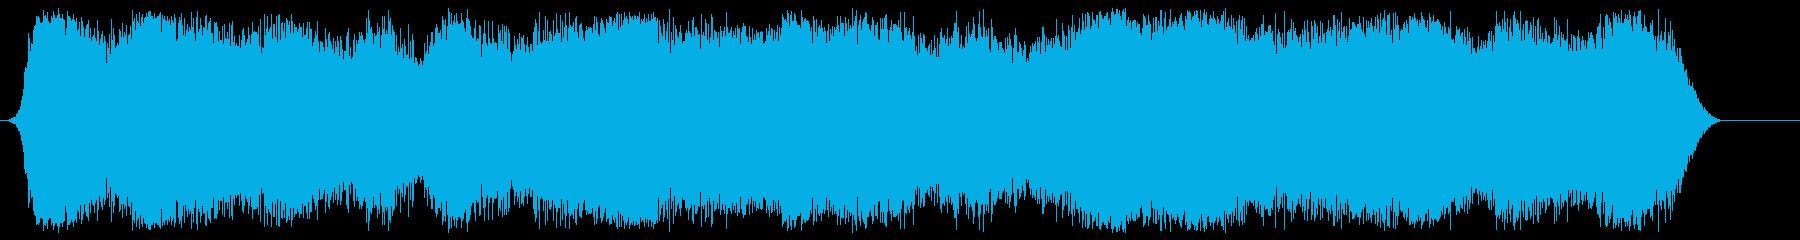 ナイトビーチの再生済みの波形